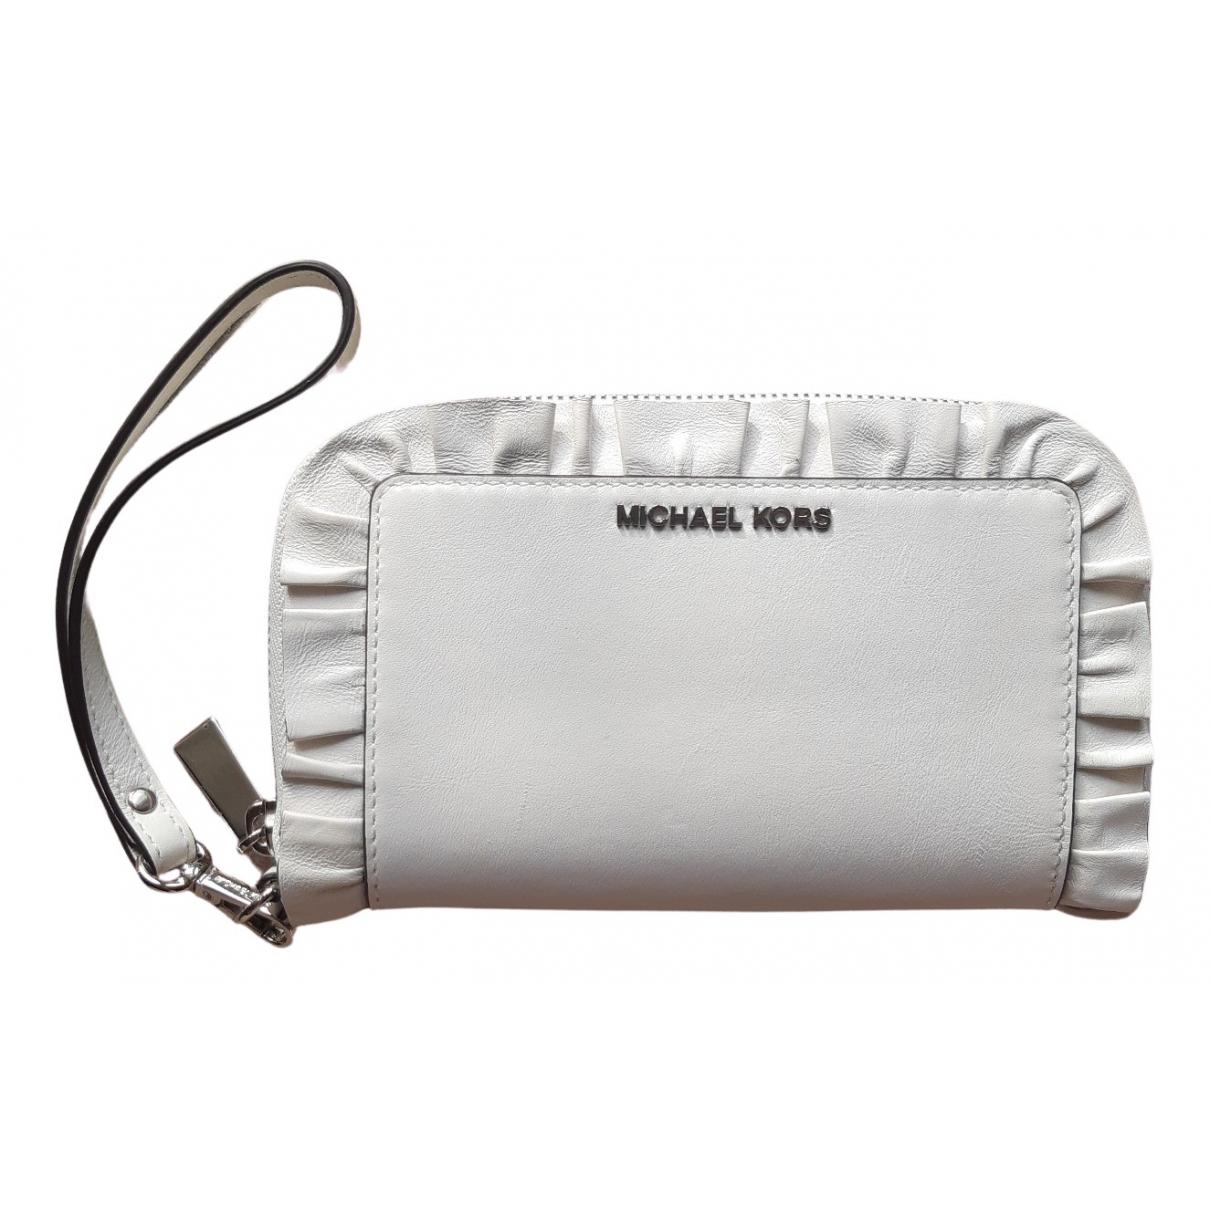 Michael Kors - Portefeuille   pour femme en cuir - blanc